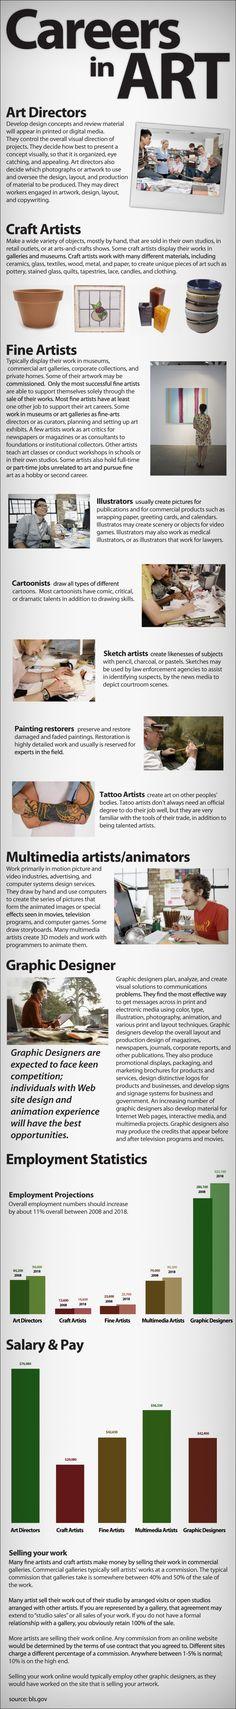 Careers in Art infographic by Madison Art Shop Middle School Art, Art School, High School, Art Doodle, Art Careers, Art Room Posters, Art Handouts, Art Worksheets, Art Curriculum